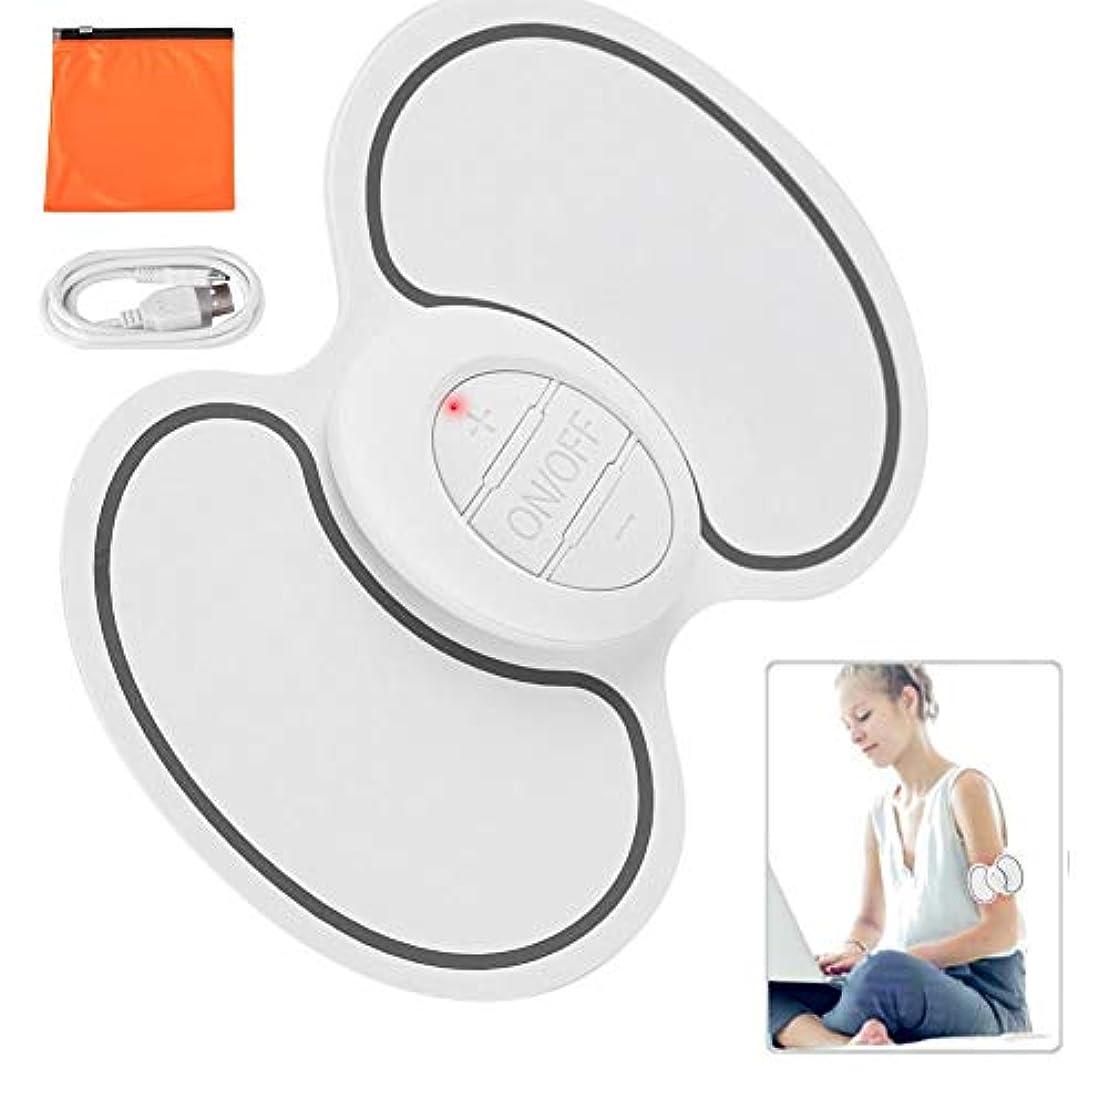 内部時期尚早化合物首、背中、肩、自宅での使用、車、オフィスの強度痛み疲労のための熱ディープニーディングマッサージ付きEMCネック肩筋パルスマッサージパッド